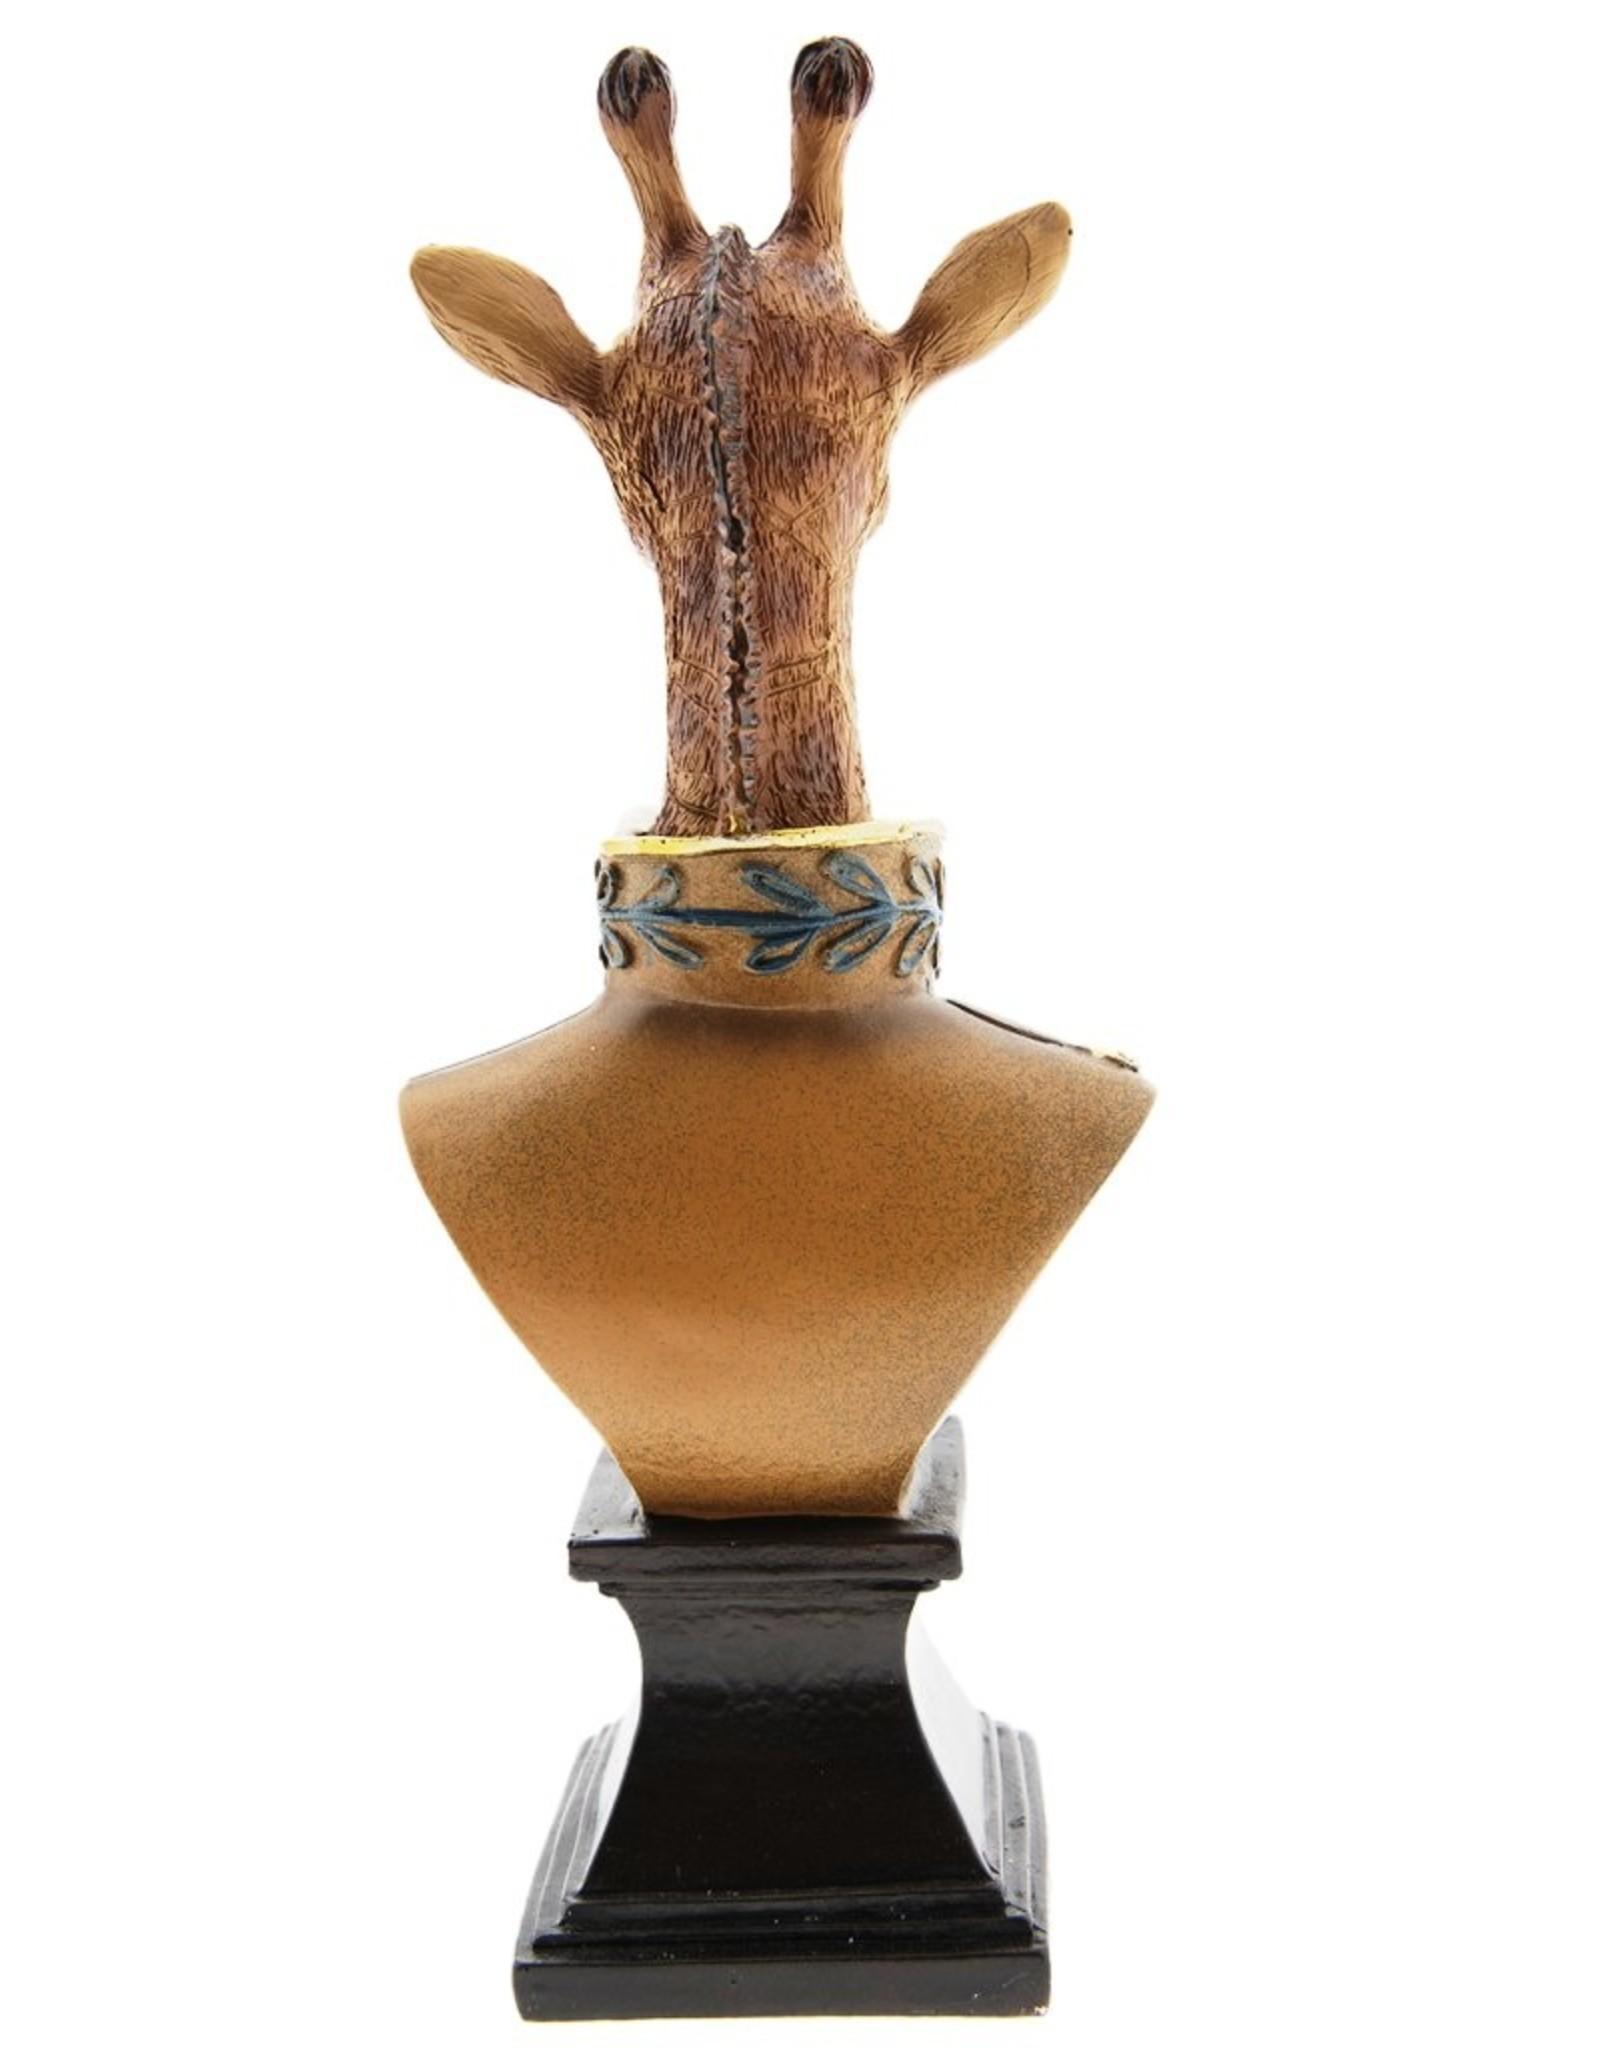 Giraf Maarschalk beeld 28cm Giftware Beelden Collectables - Giraf Maarschalk beeld 28cm (buste)